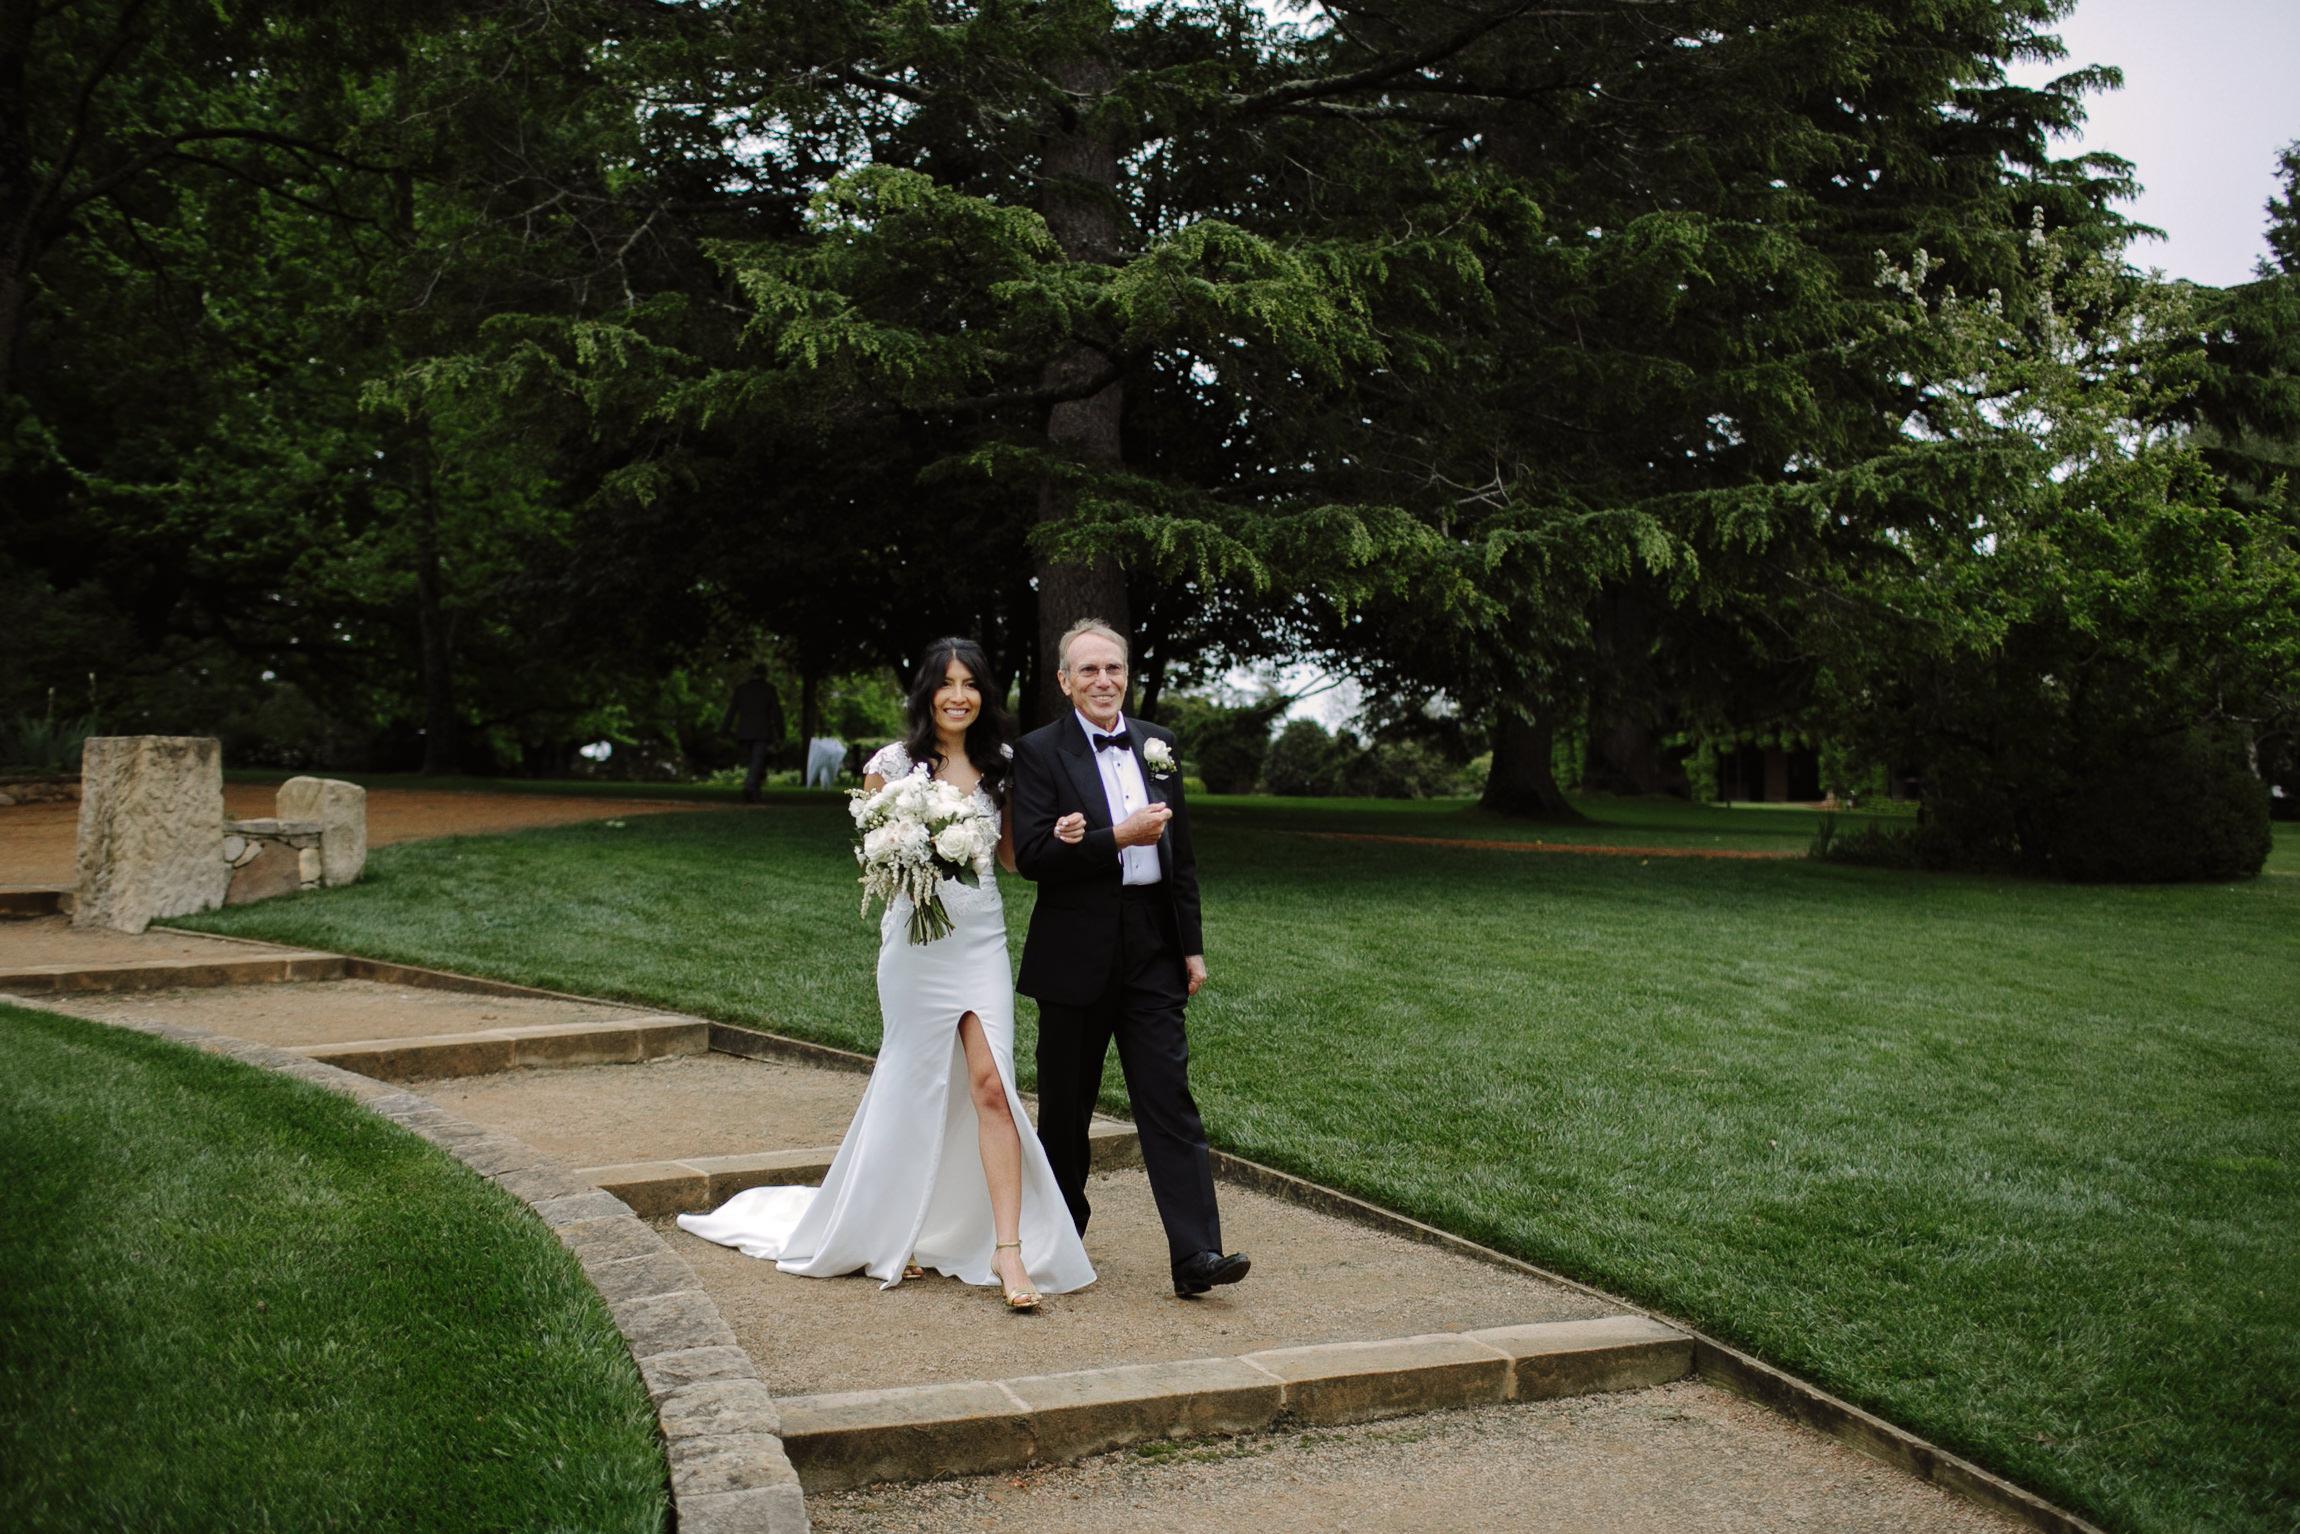 justinaaron-bendooley-estate-wedding-vanessa-dom-034.jpg